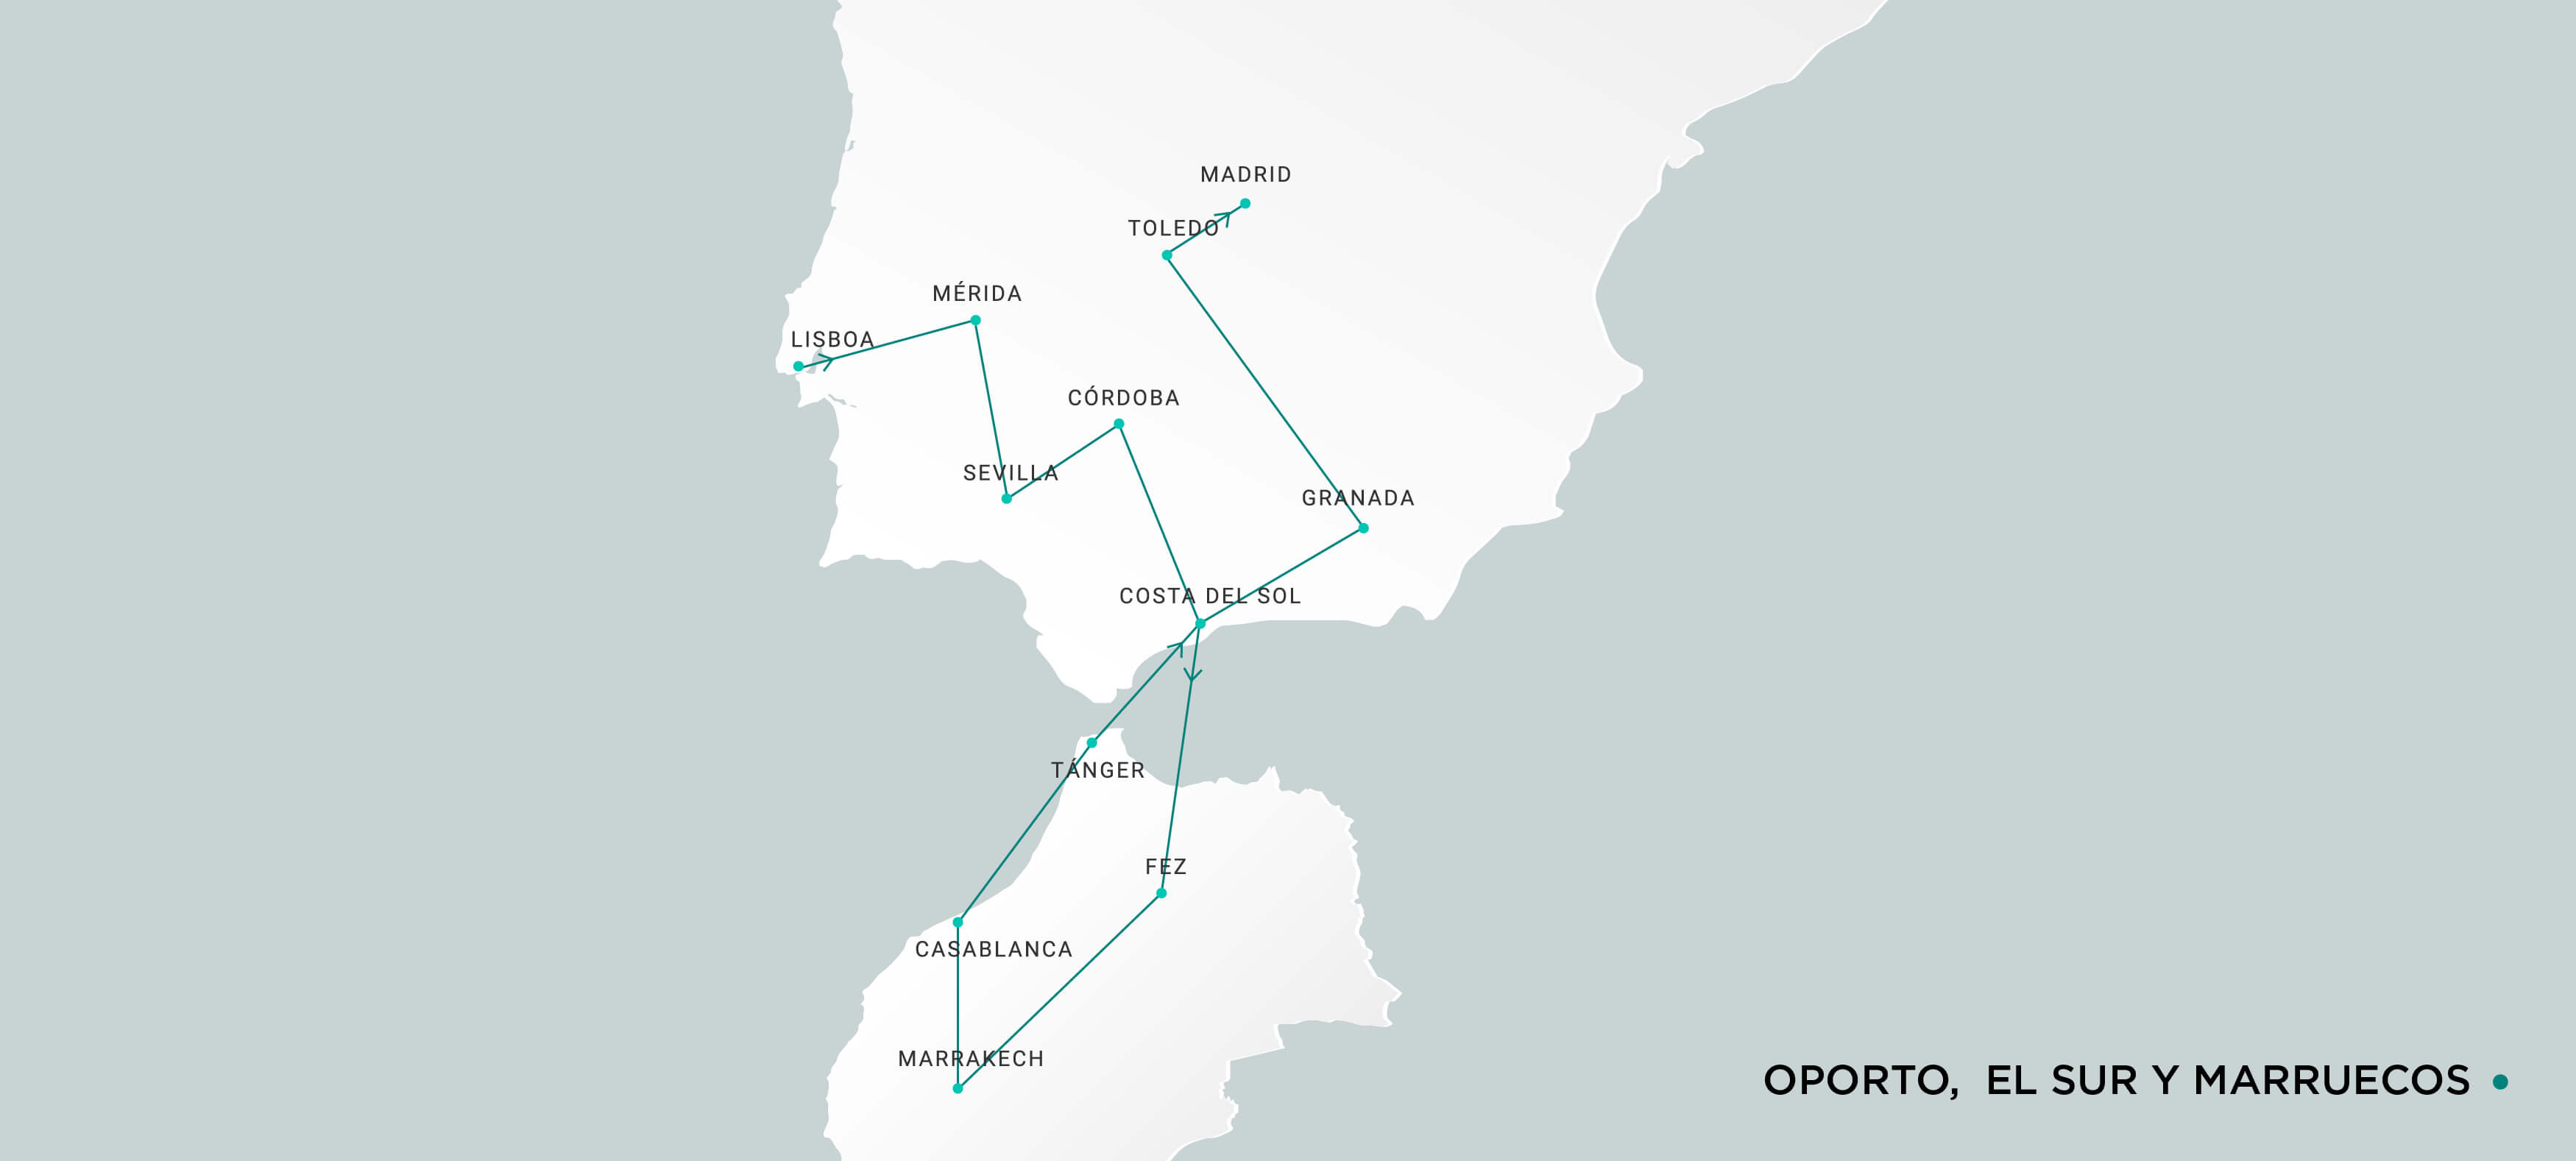 Mapa Lisboa, Sur y Marruecos